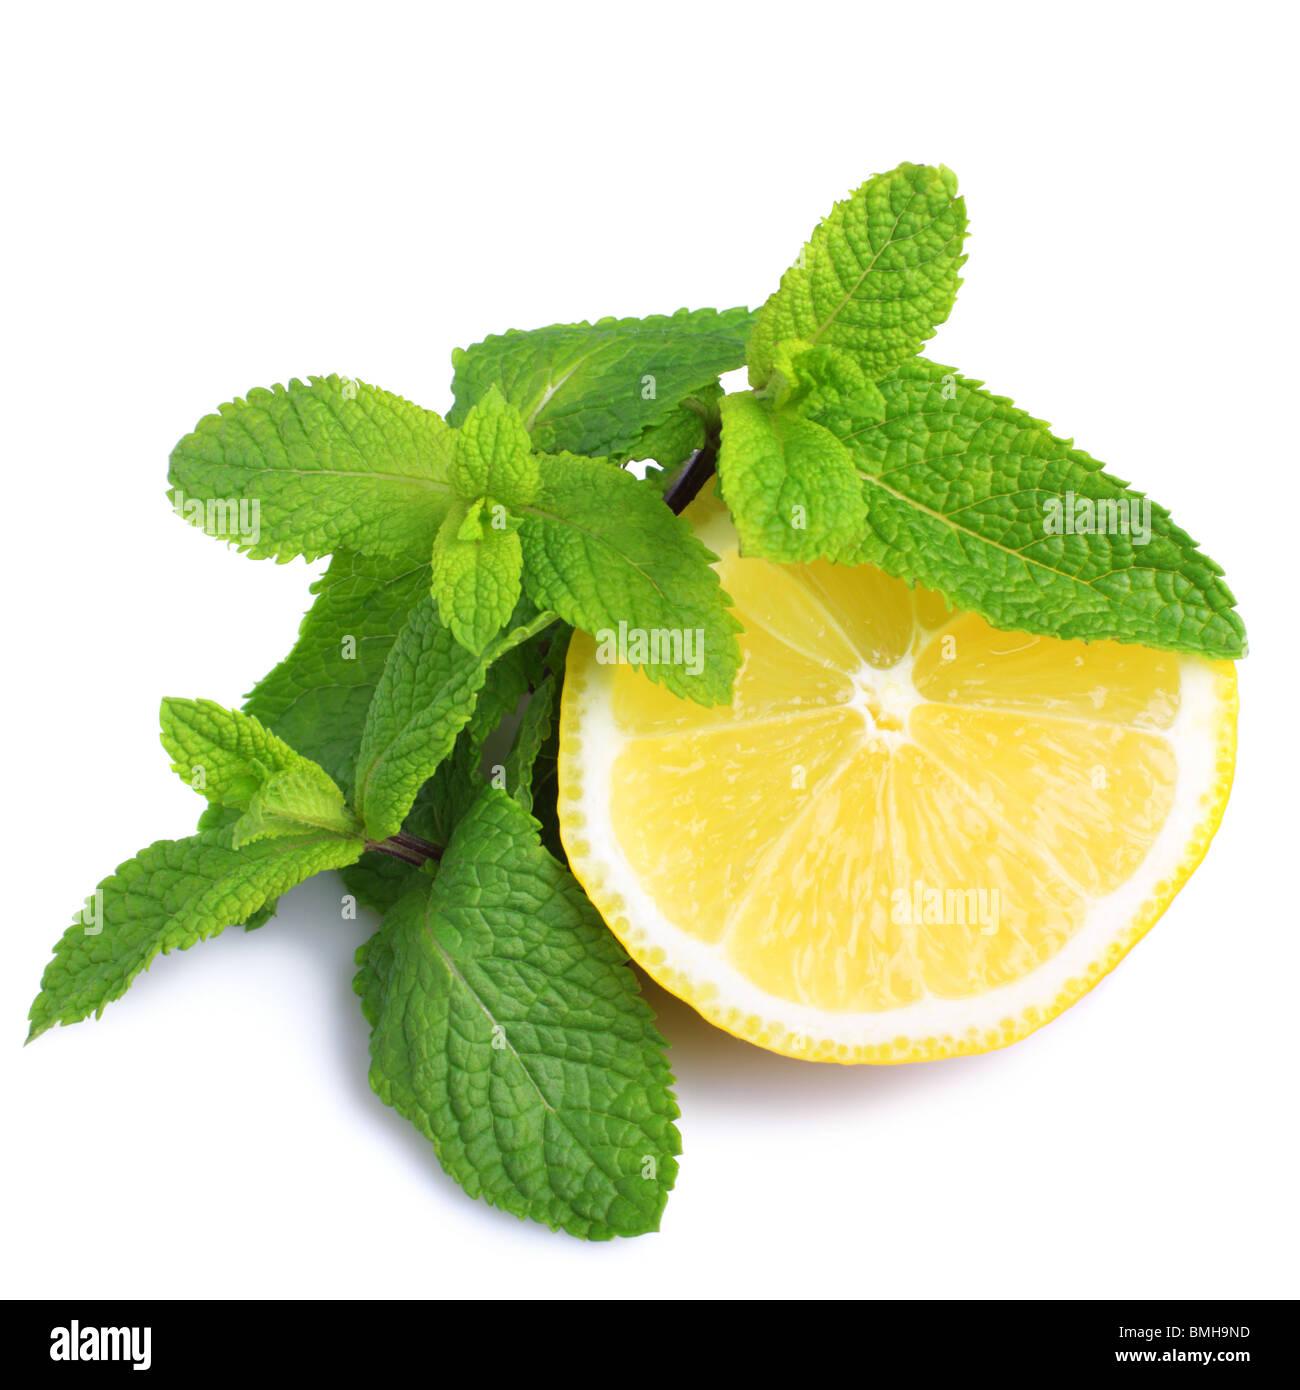 Mint and lemon isolated on white background - Stock Image